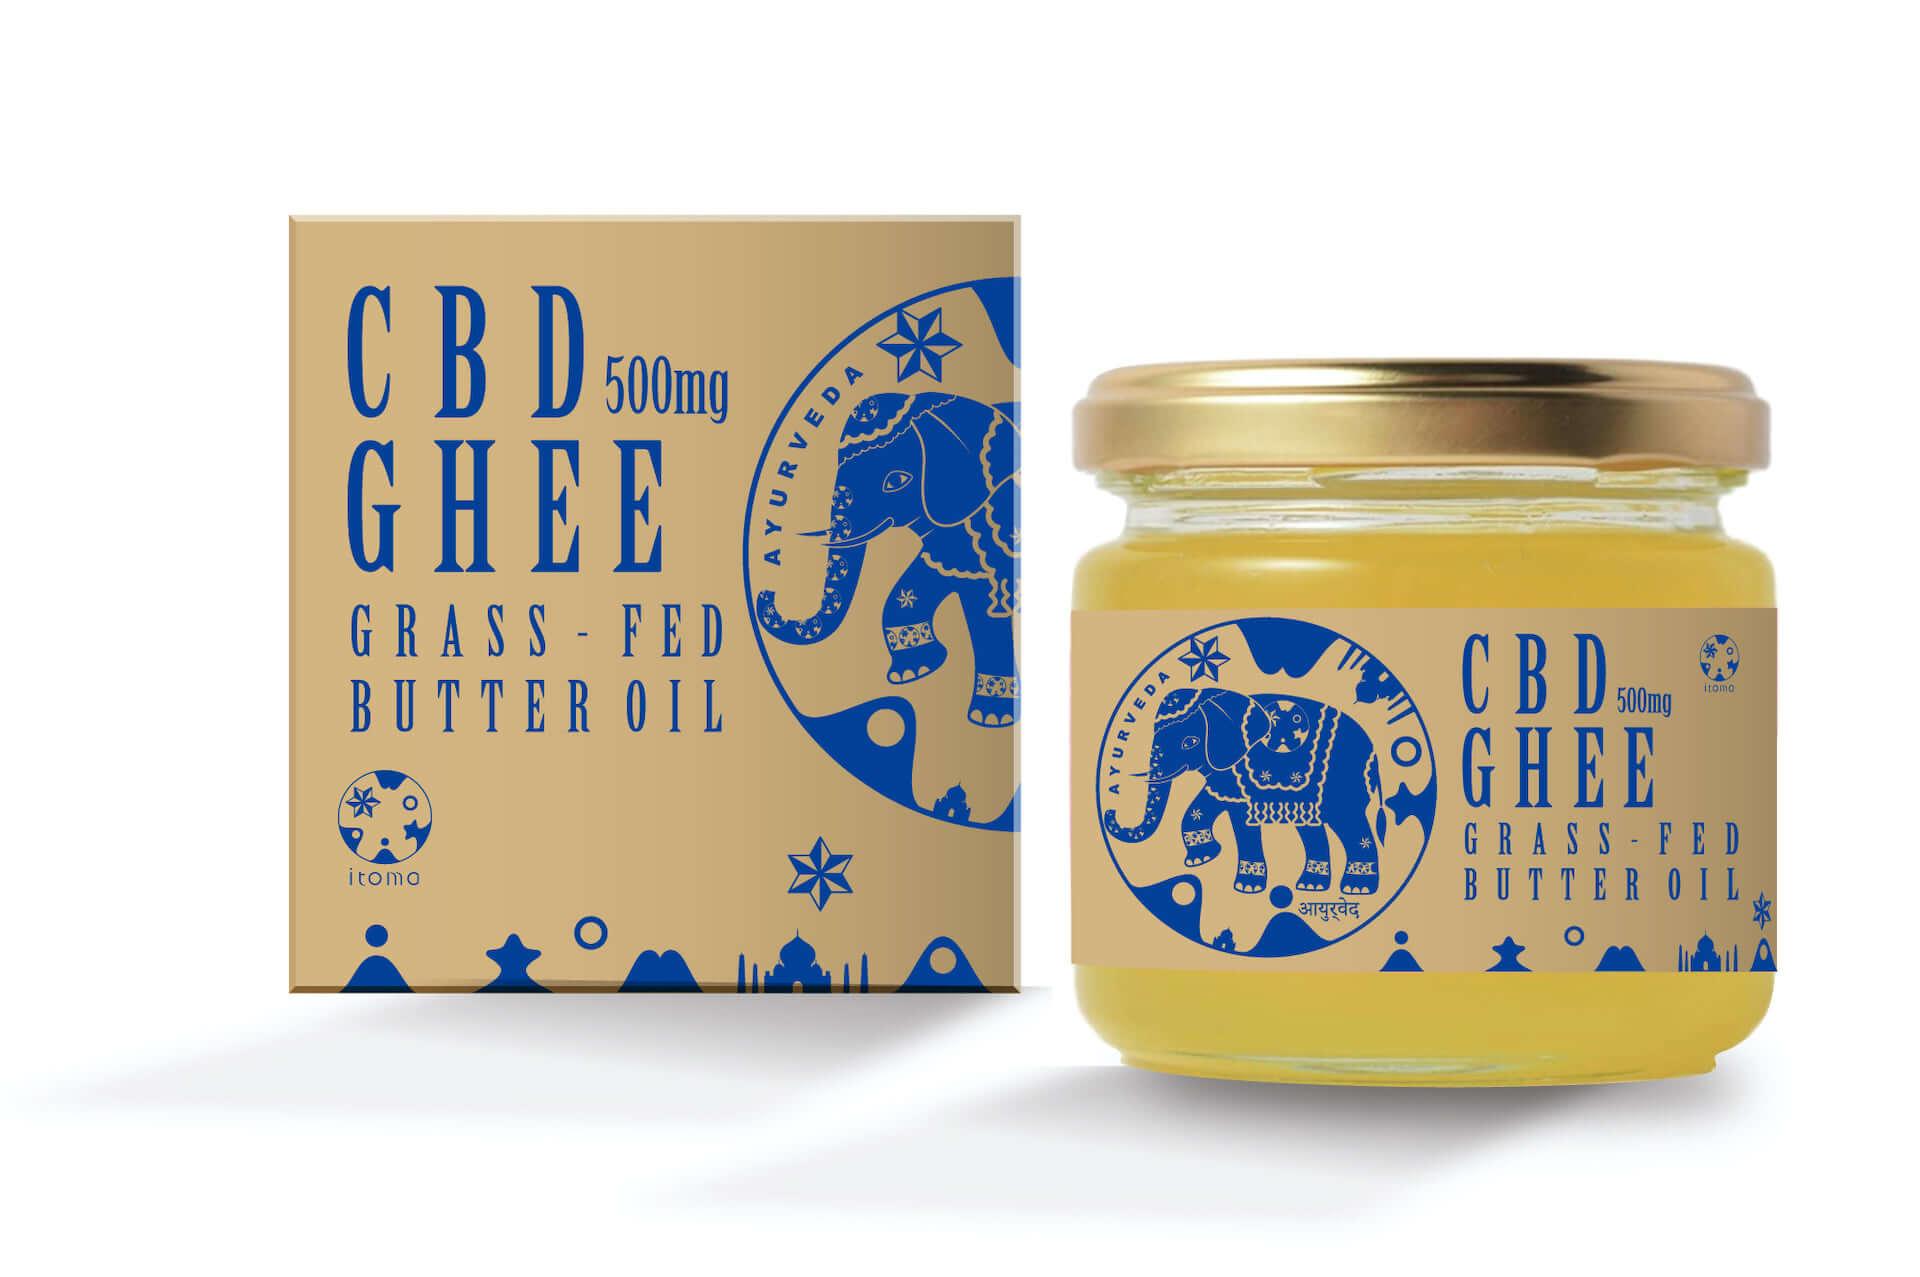 CBDが500mg配合された『グラスフェッド・ギー』がitoma CBDより発売決定!バターコーヒー、バターココアにもおすすめ gourmet210114_cbd-ghee_2-1920x1277